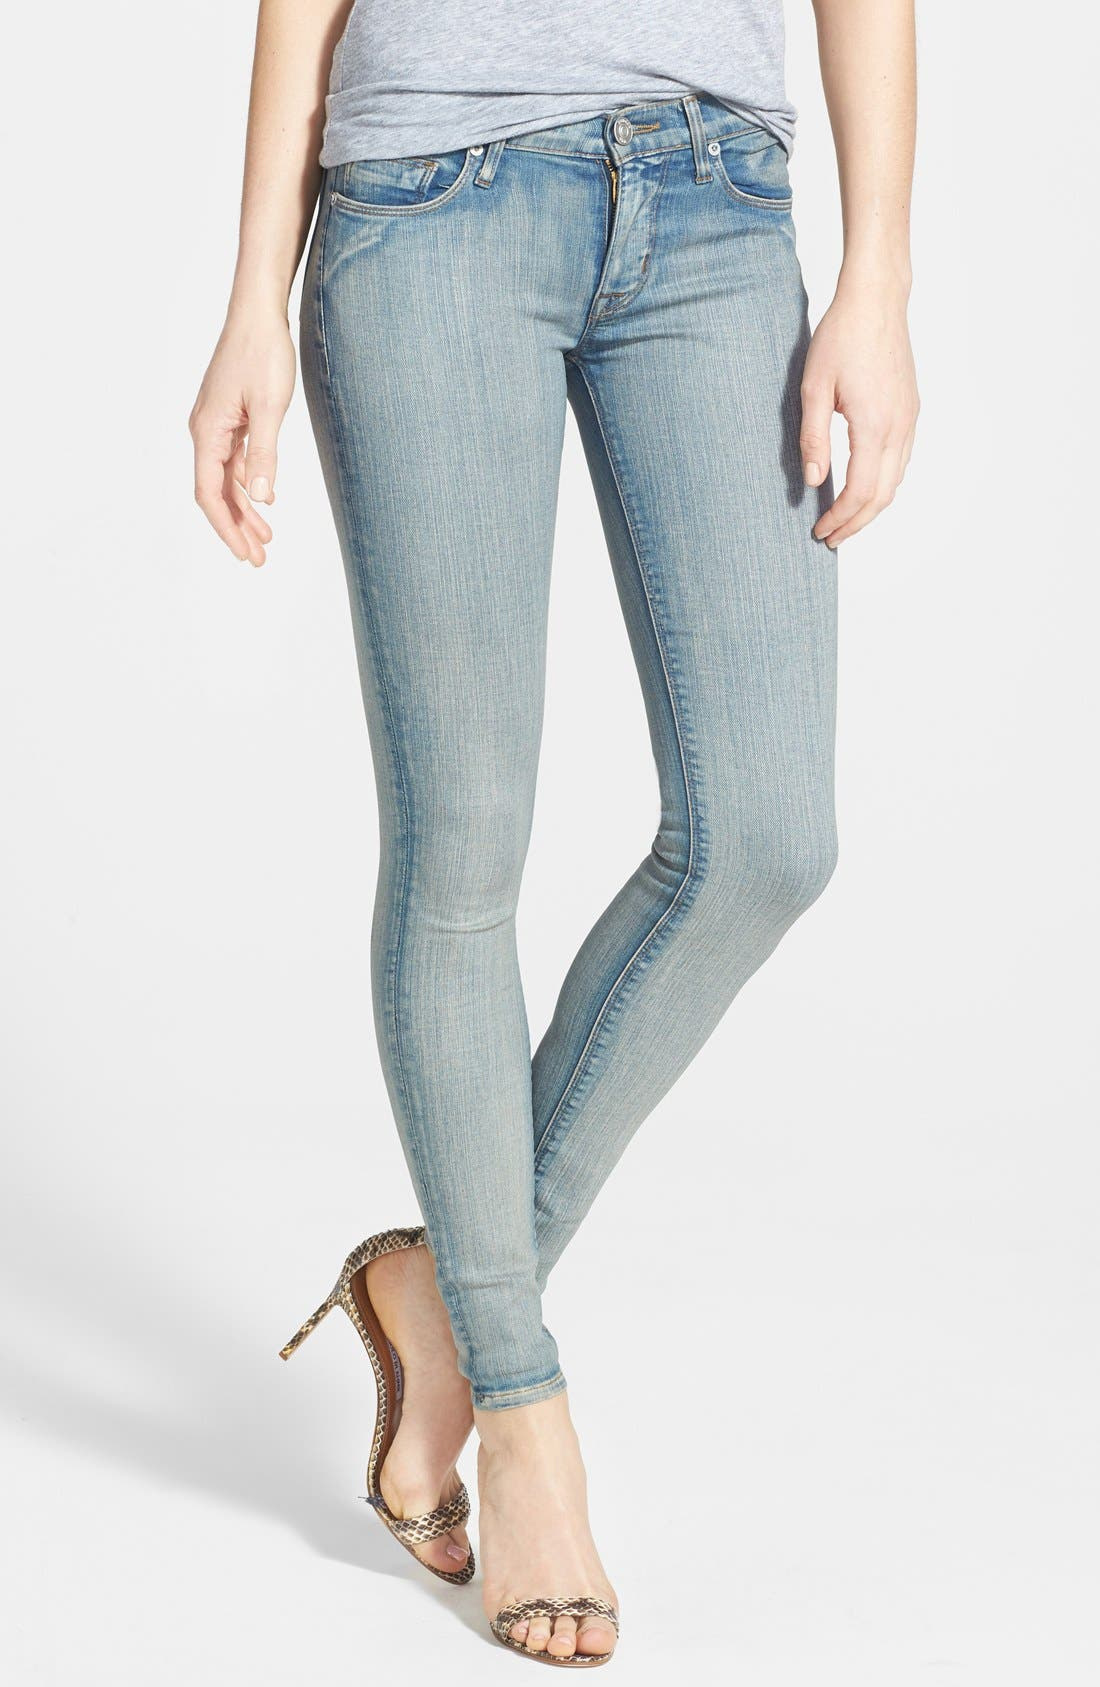 Main Image - Hudson Jeans 'Krista' Super Skinny Jeans (Castles of Sand)